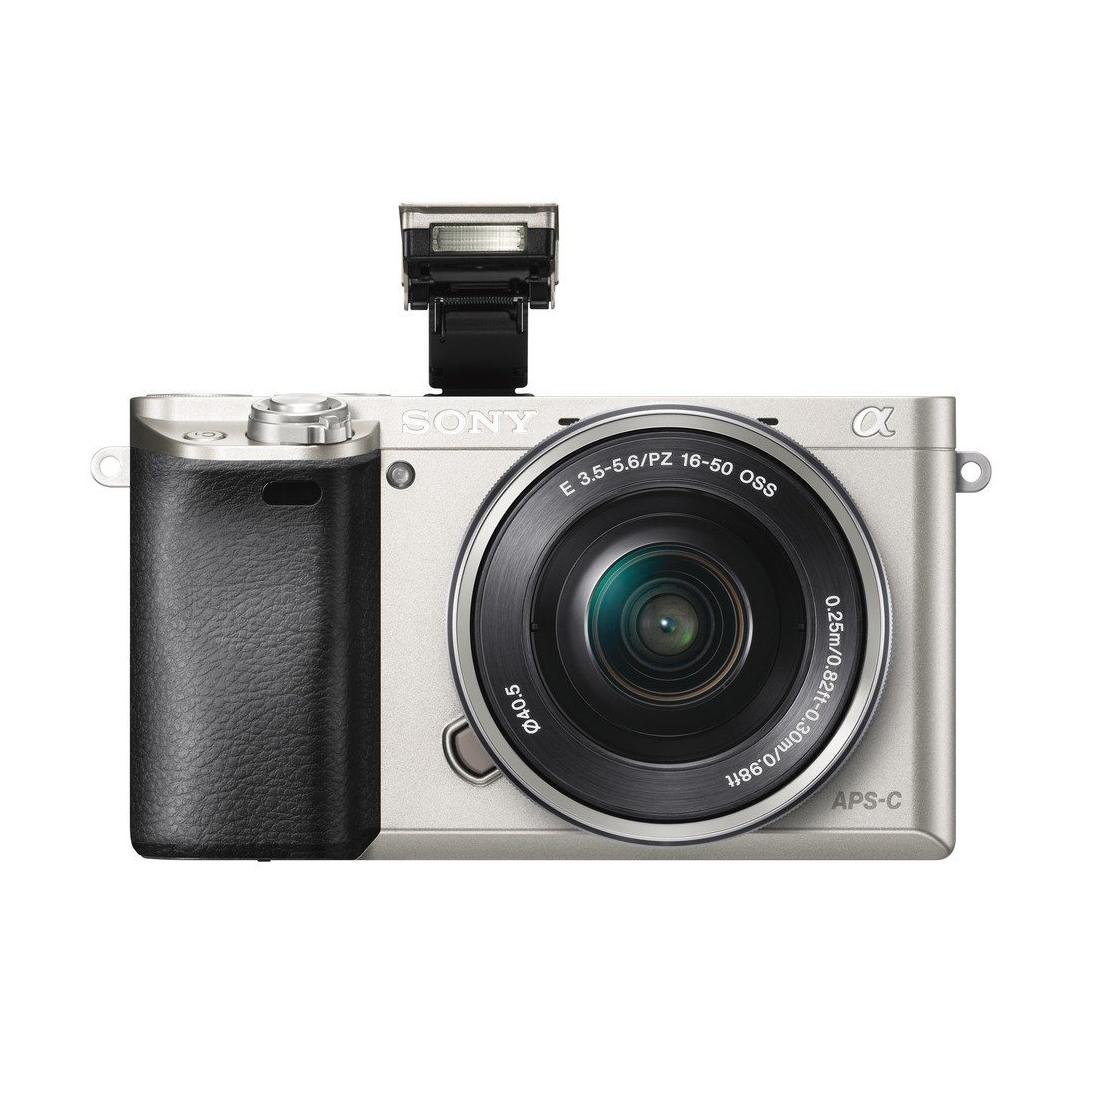 Фотоаппарат Sony A6000 серебристого цвета c китовым объективом SEL-P1650